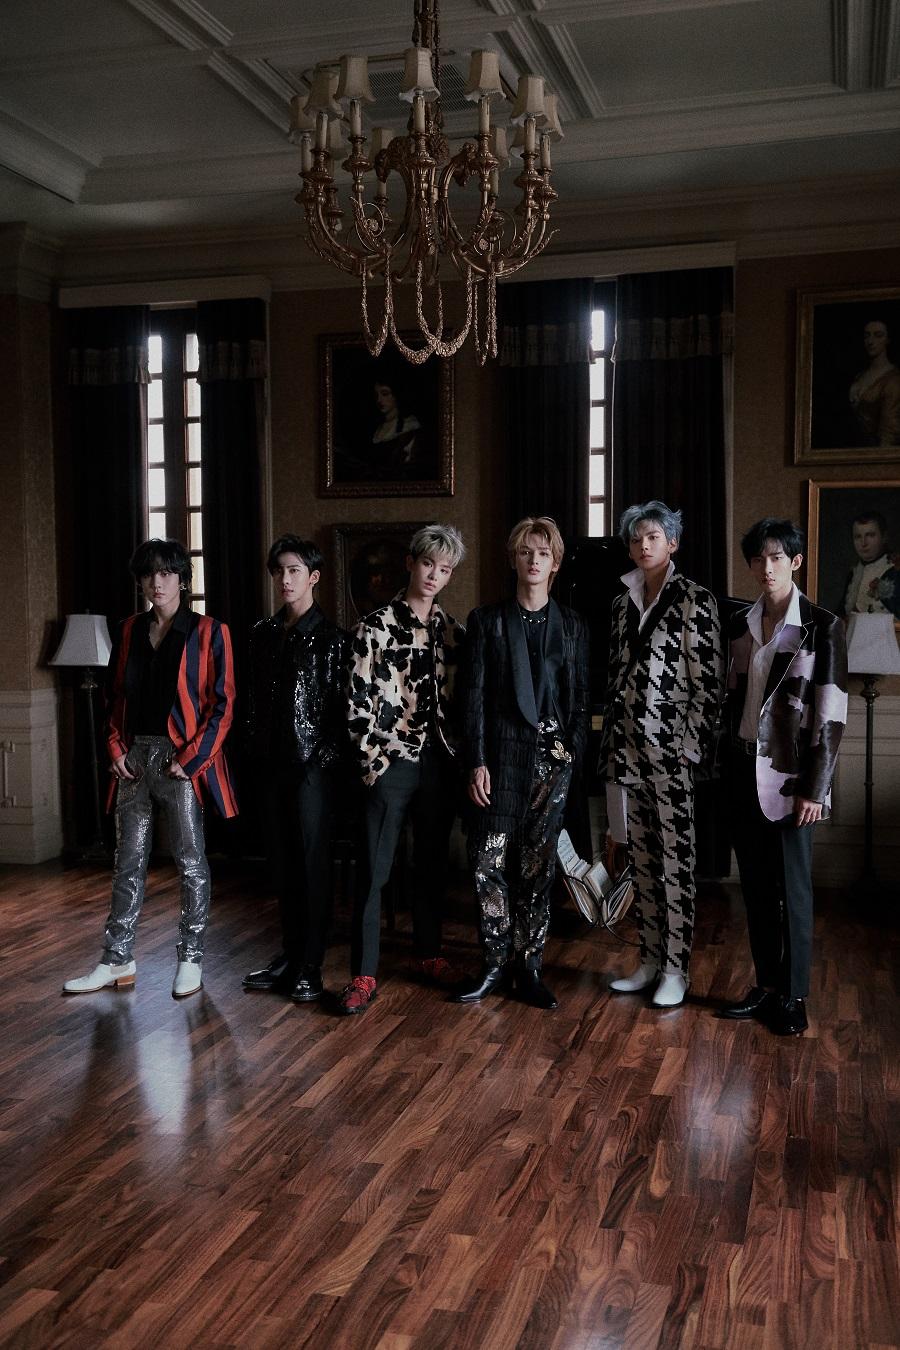 乐华七子出道专辑《NEXT BEGINS》发布 新歌守望初心